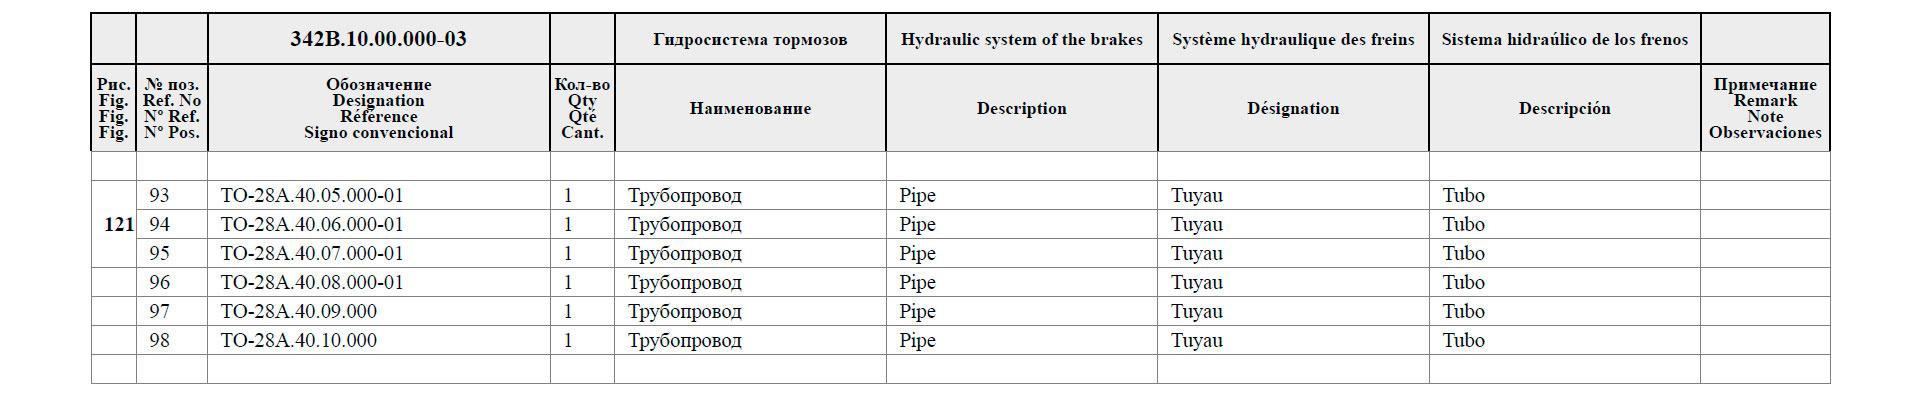 Гидросистема тормозов 342B.10.00.000-03